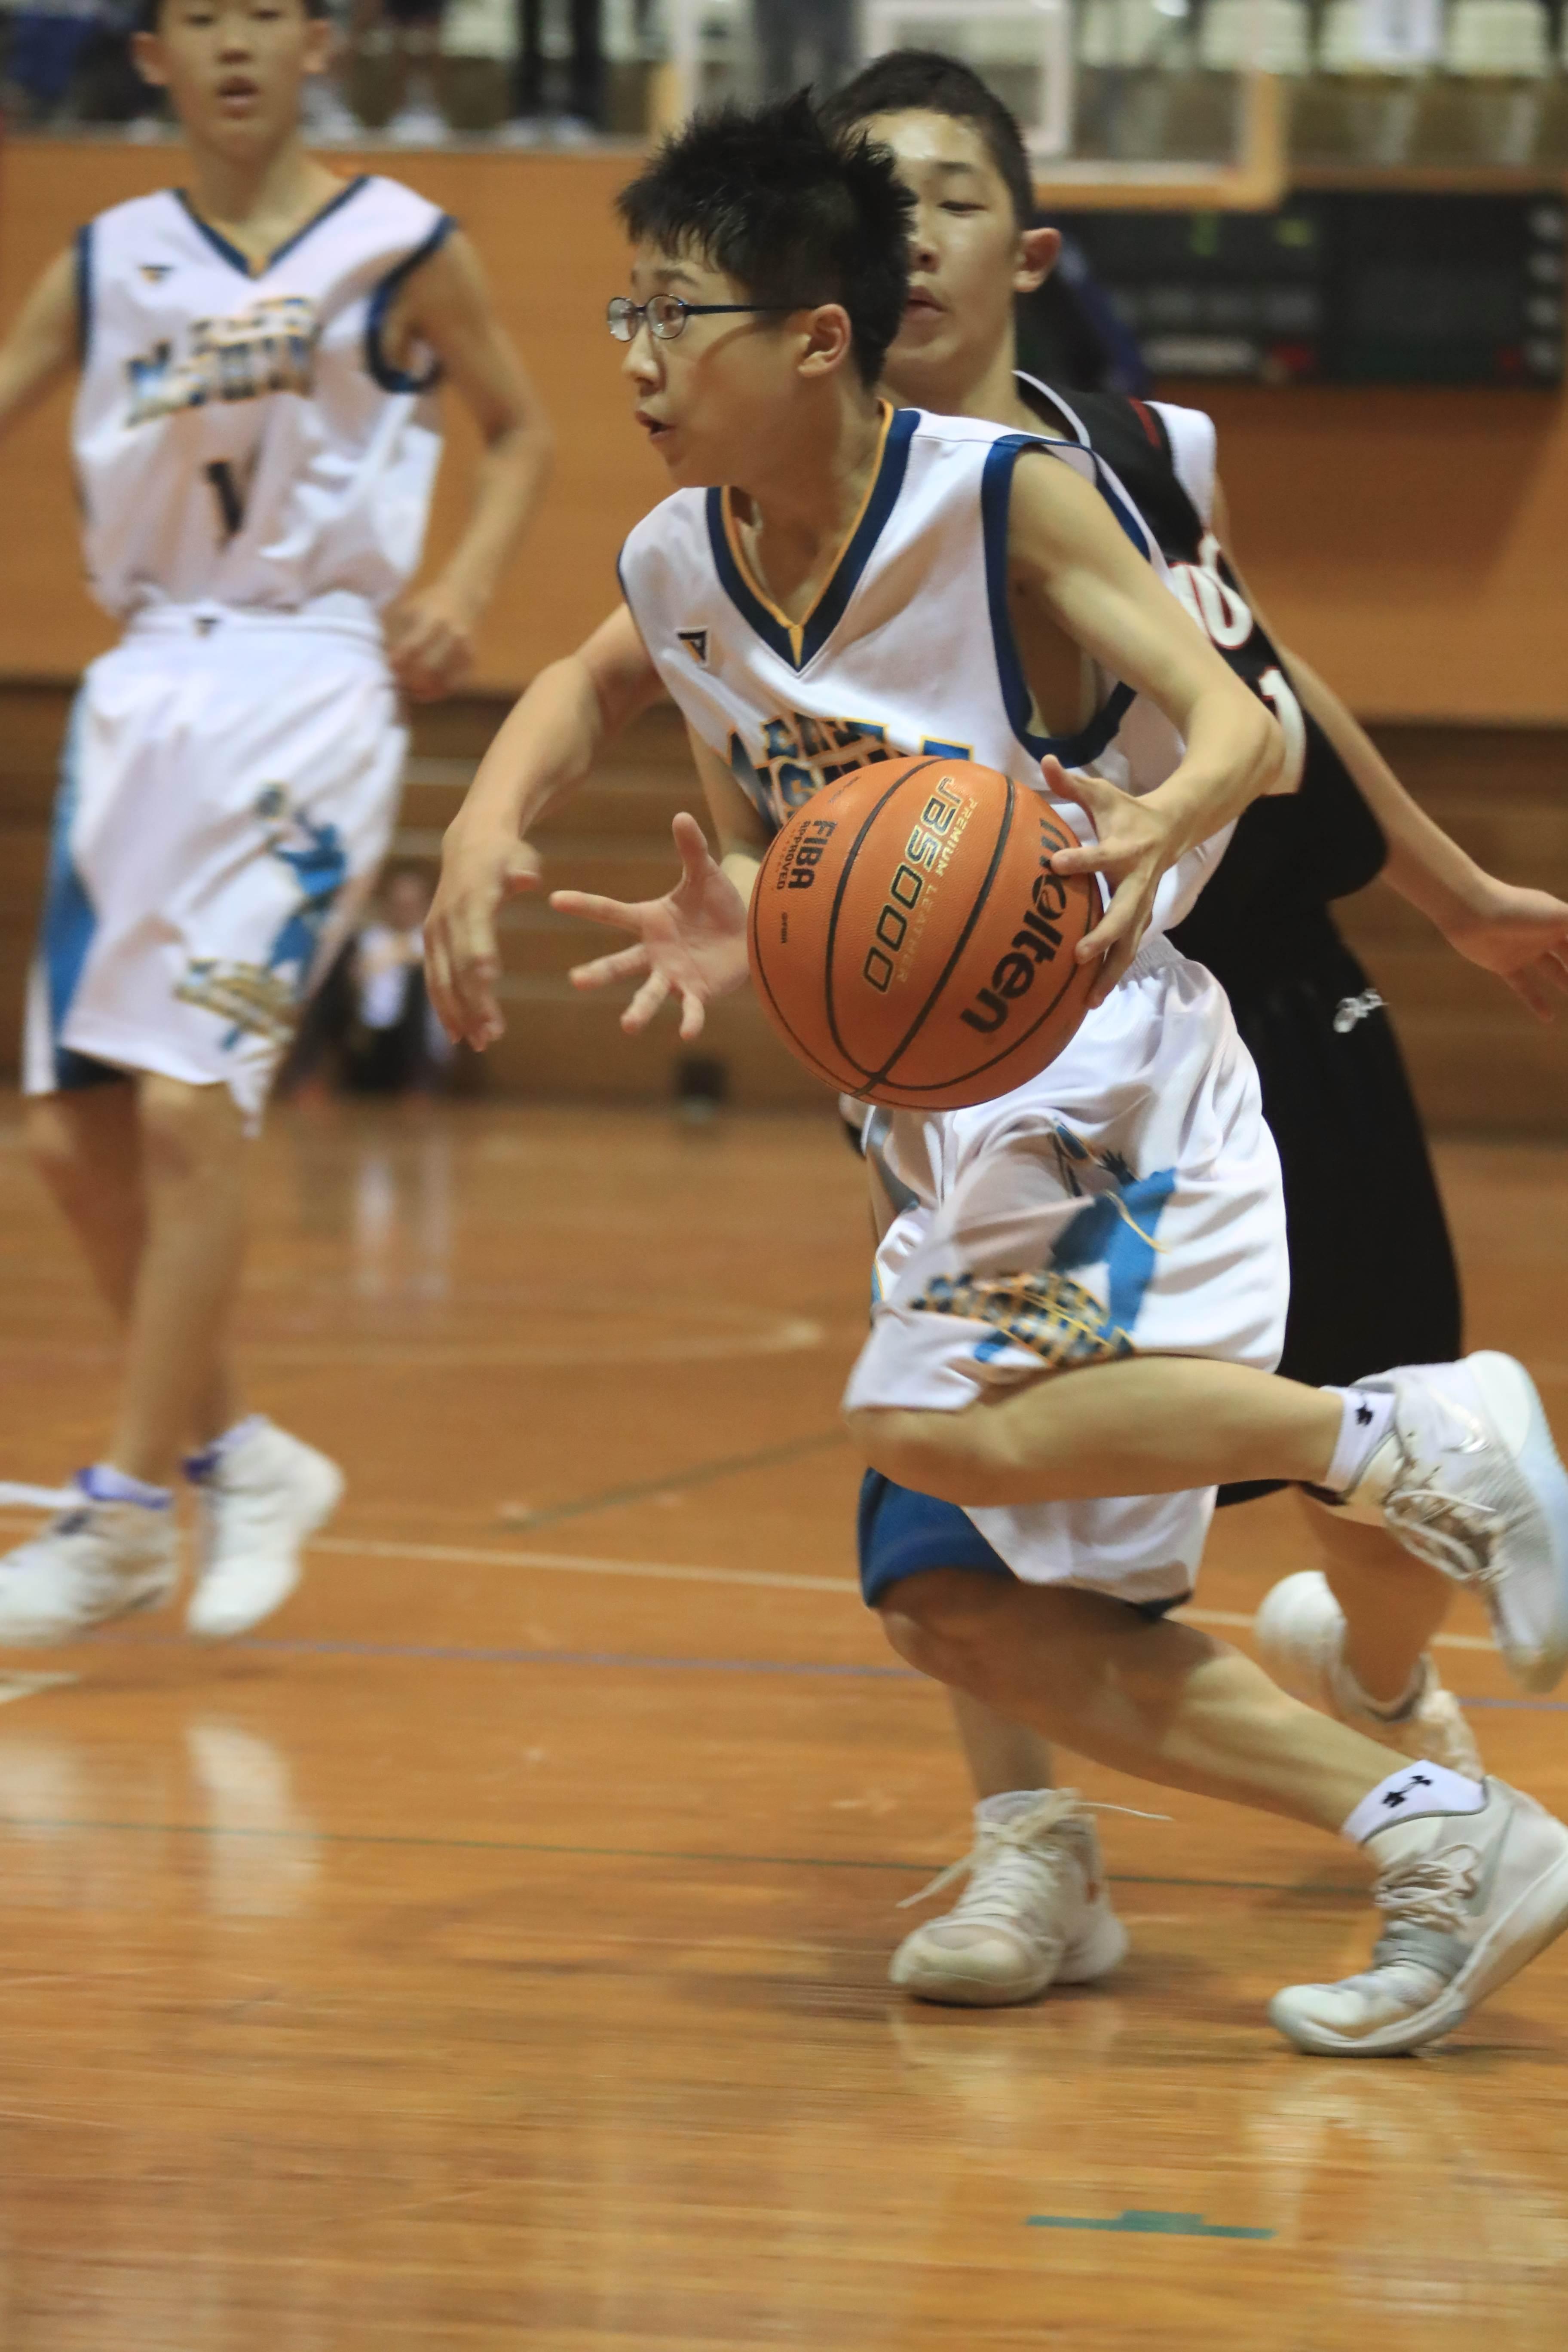 バスケットボール (4)